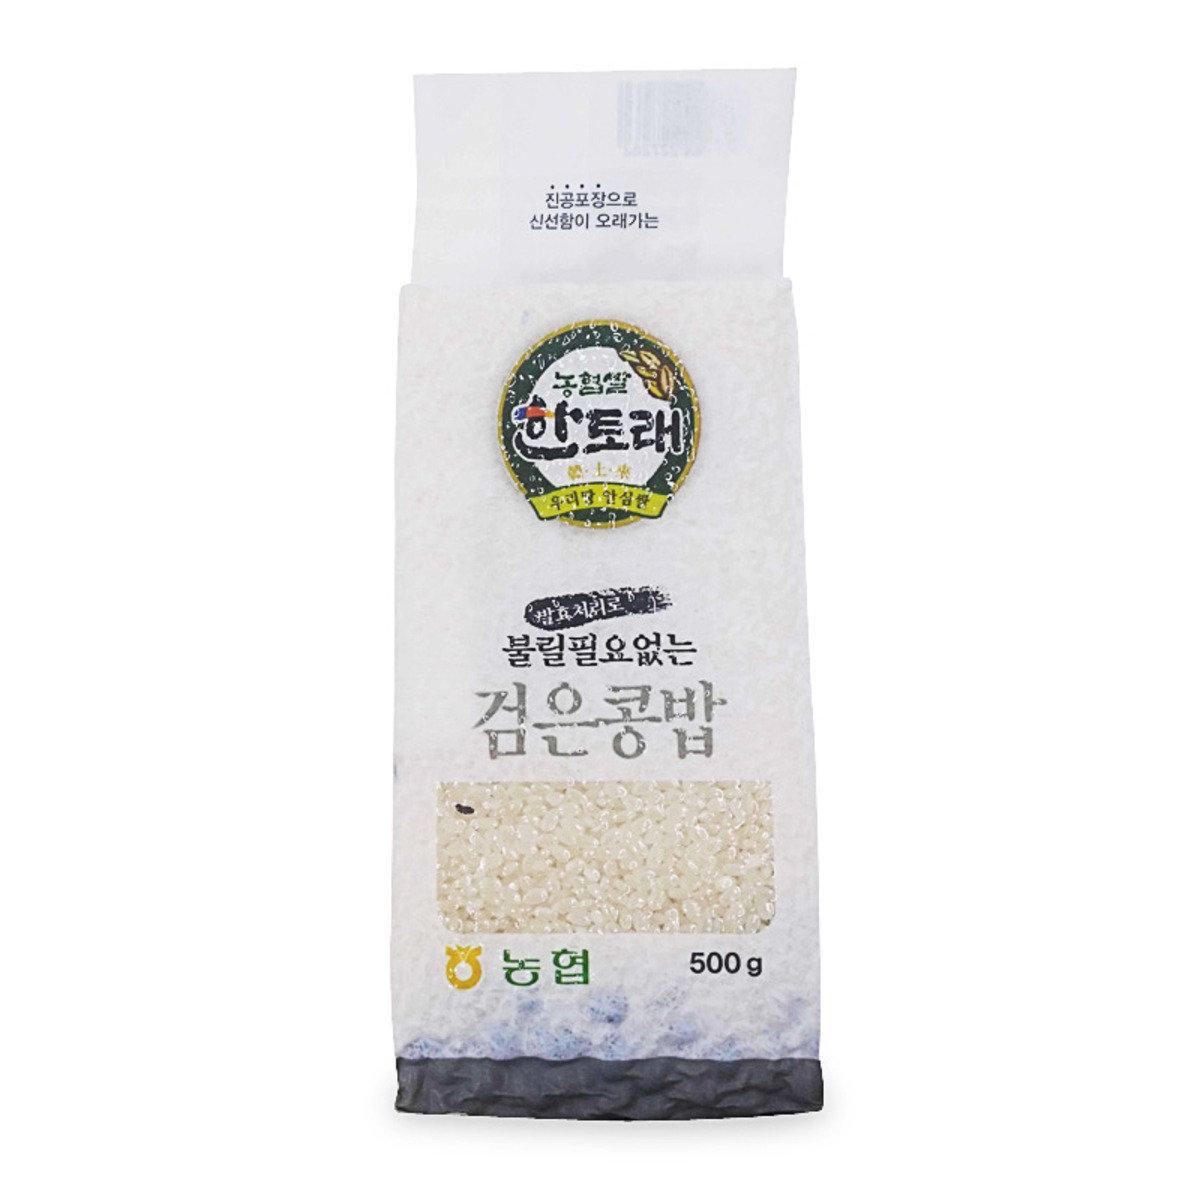 韓土來米混合發酵黑豆 500克